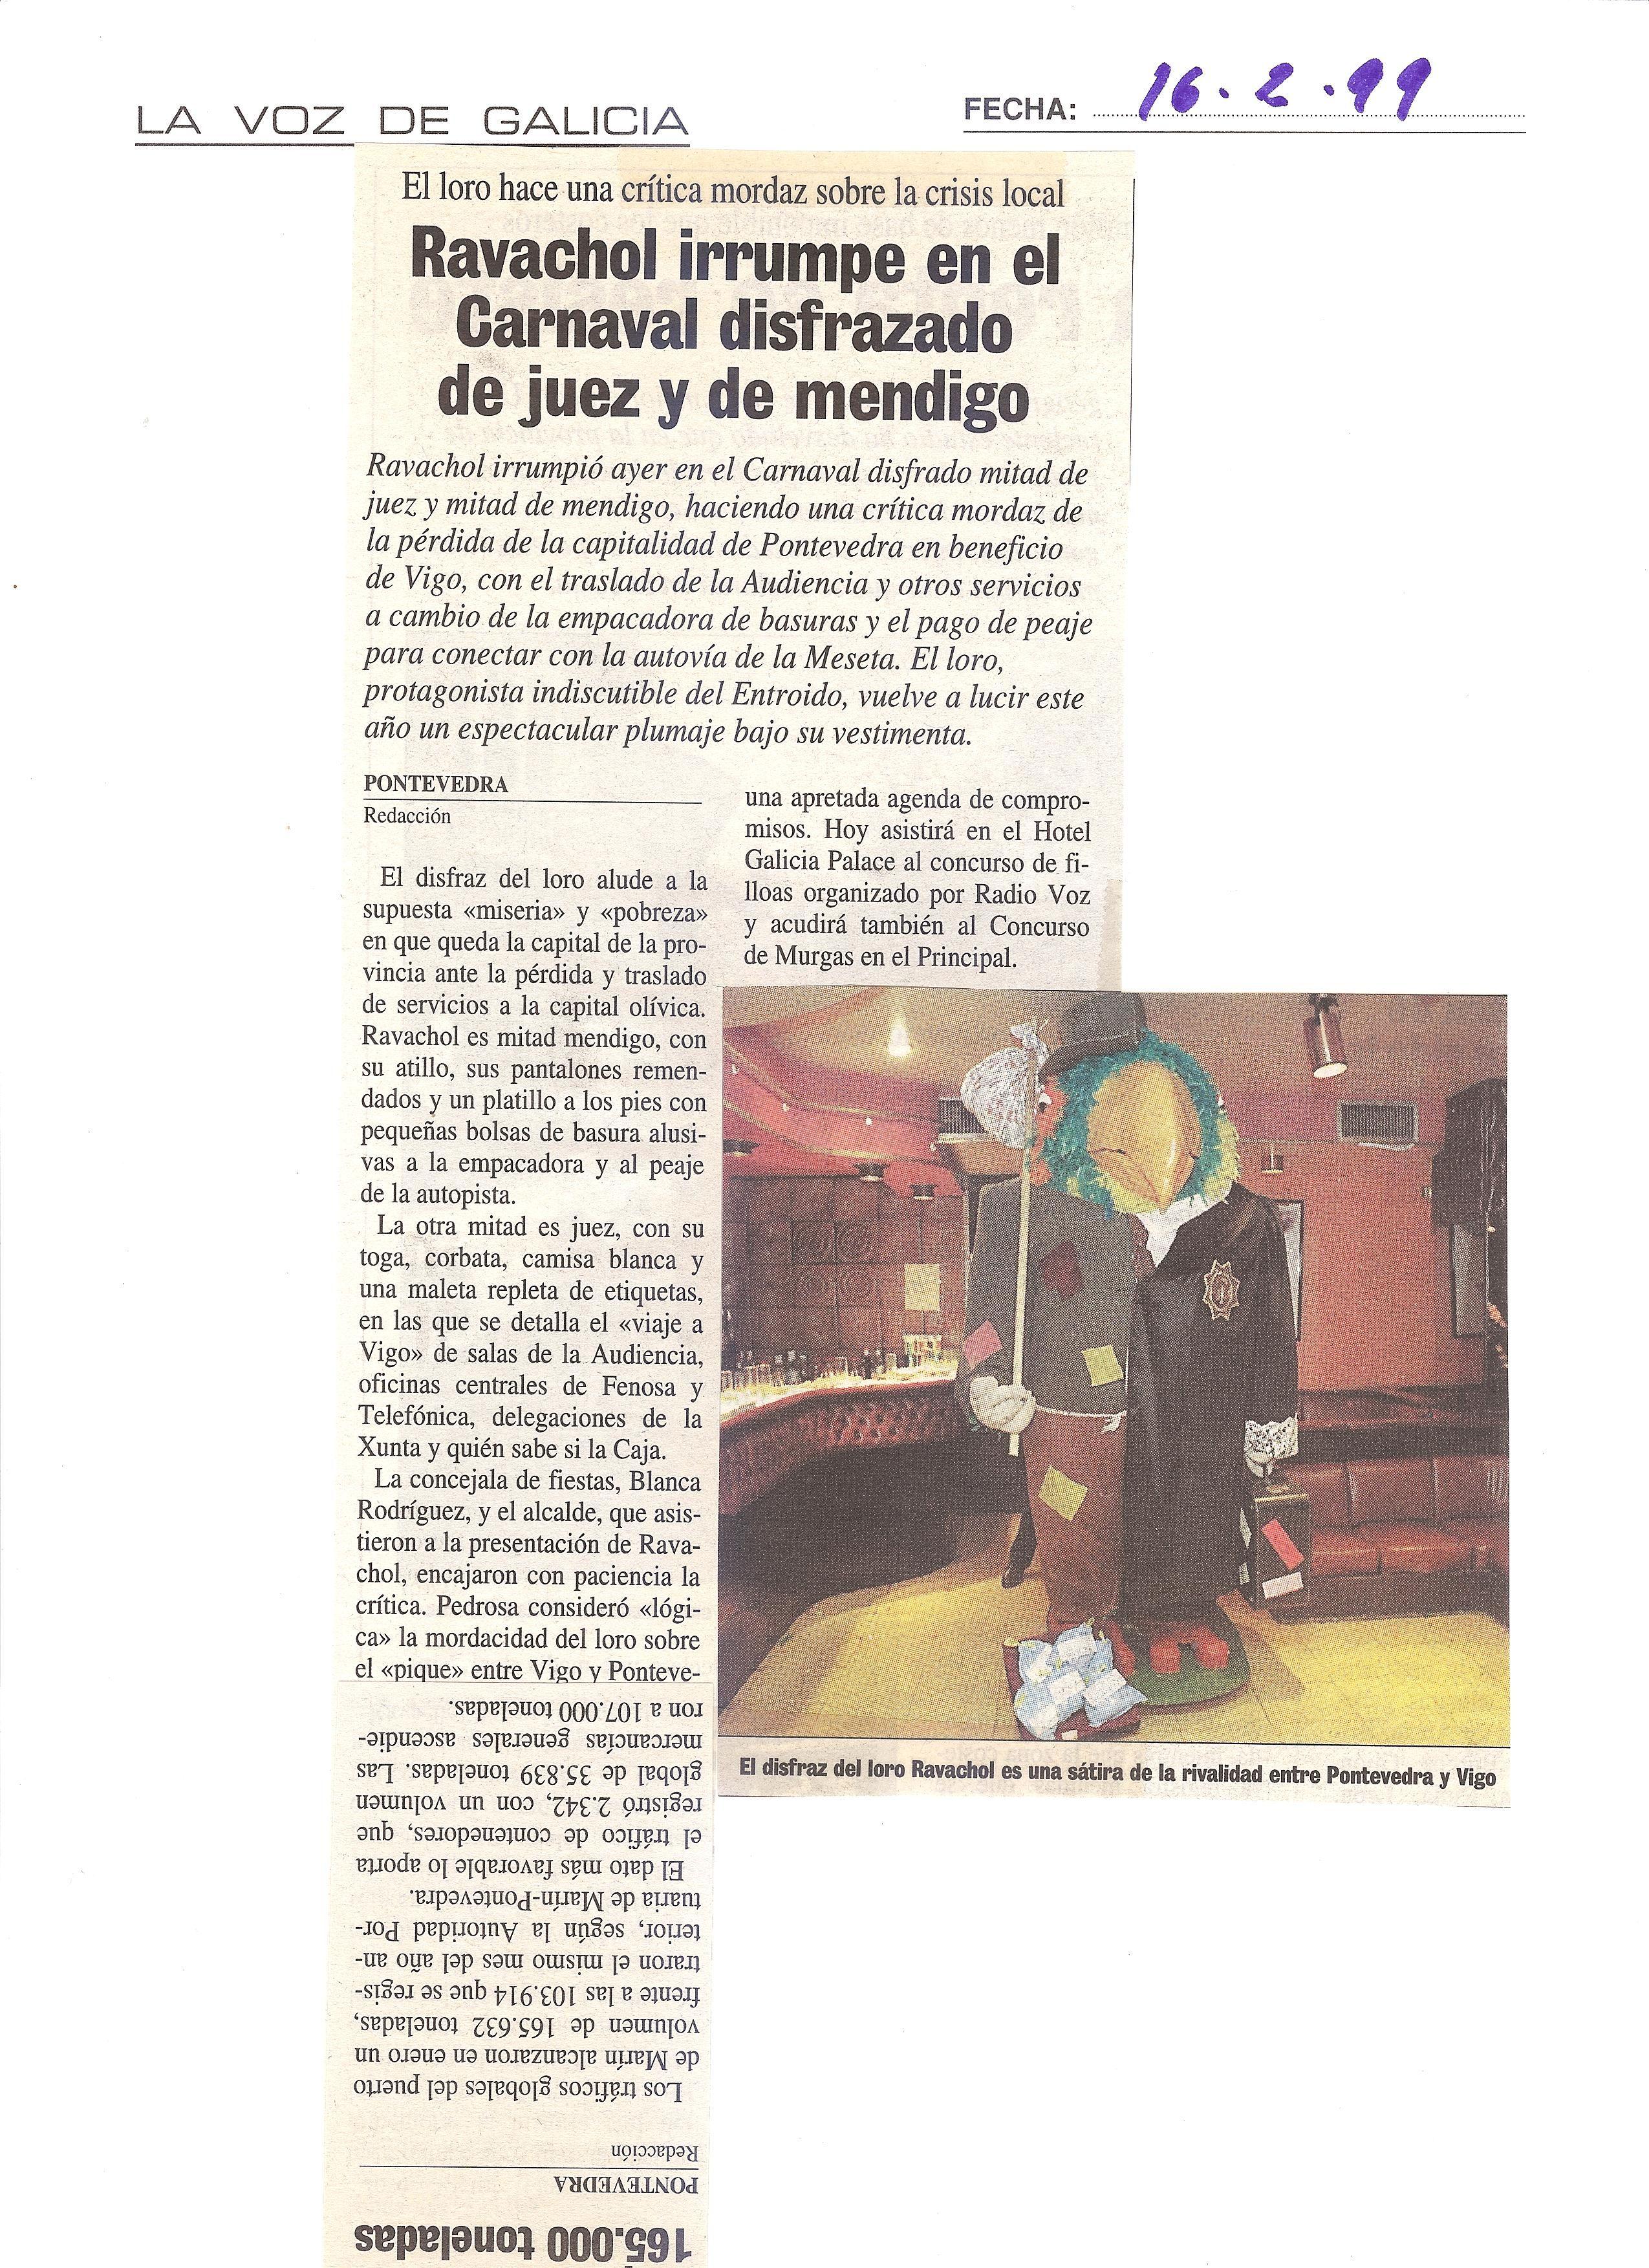 Prensa La Voz De Galicia La Voz Fotos Juez